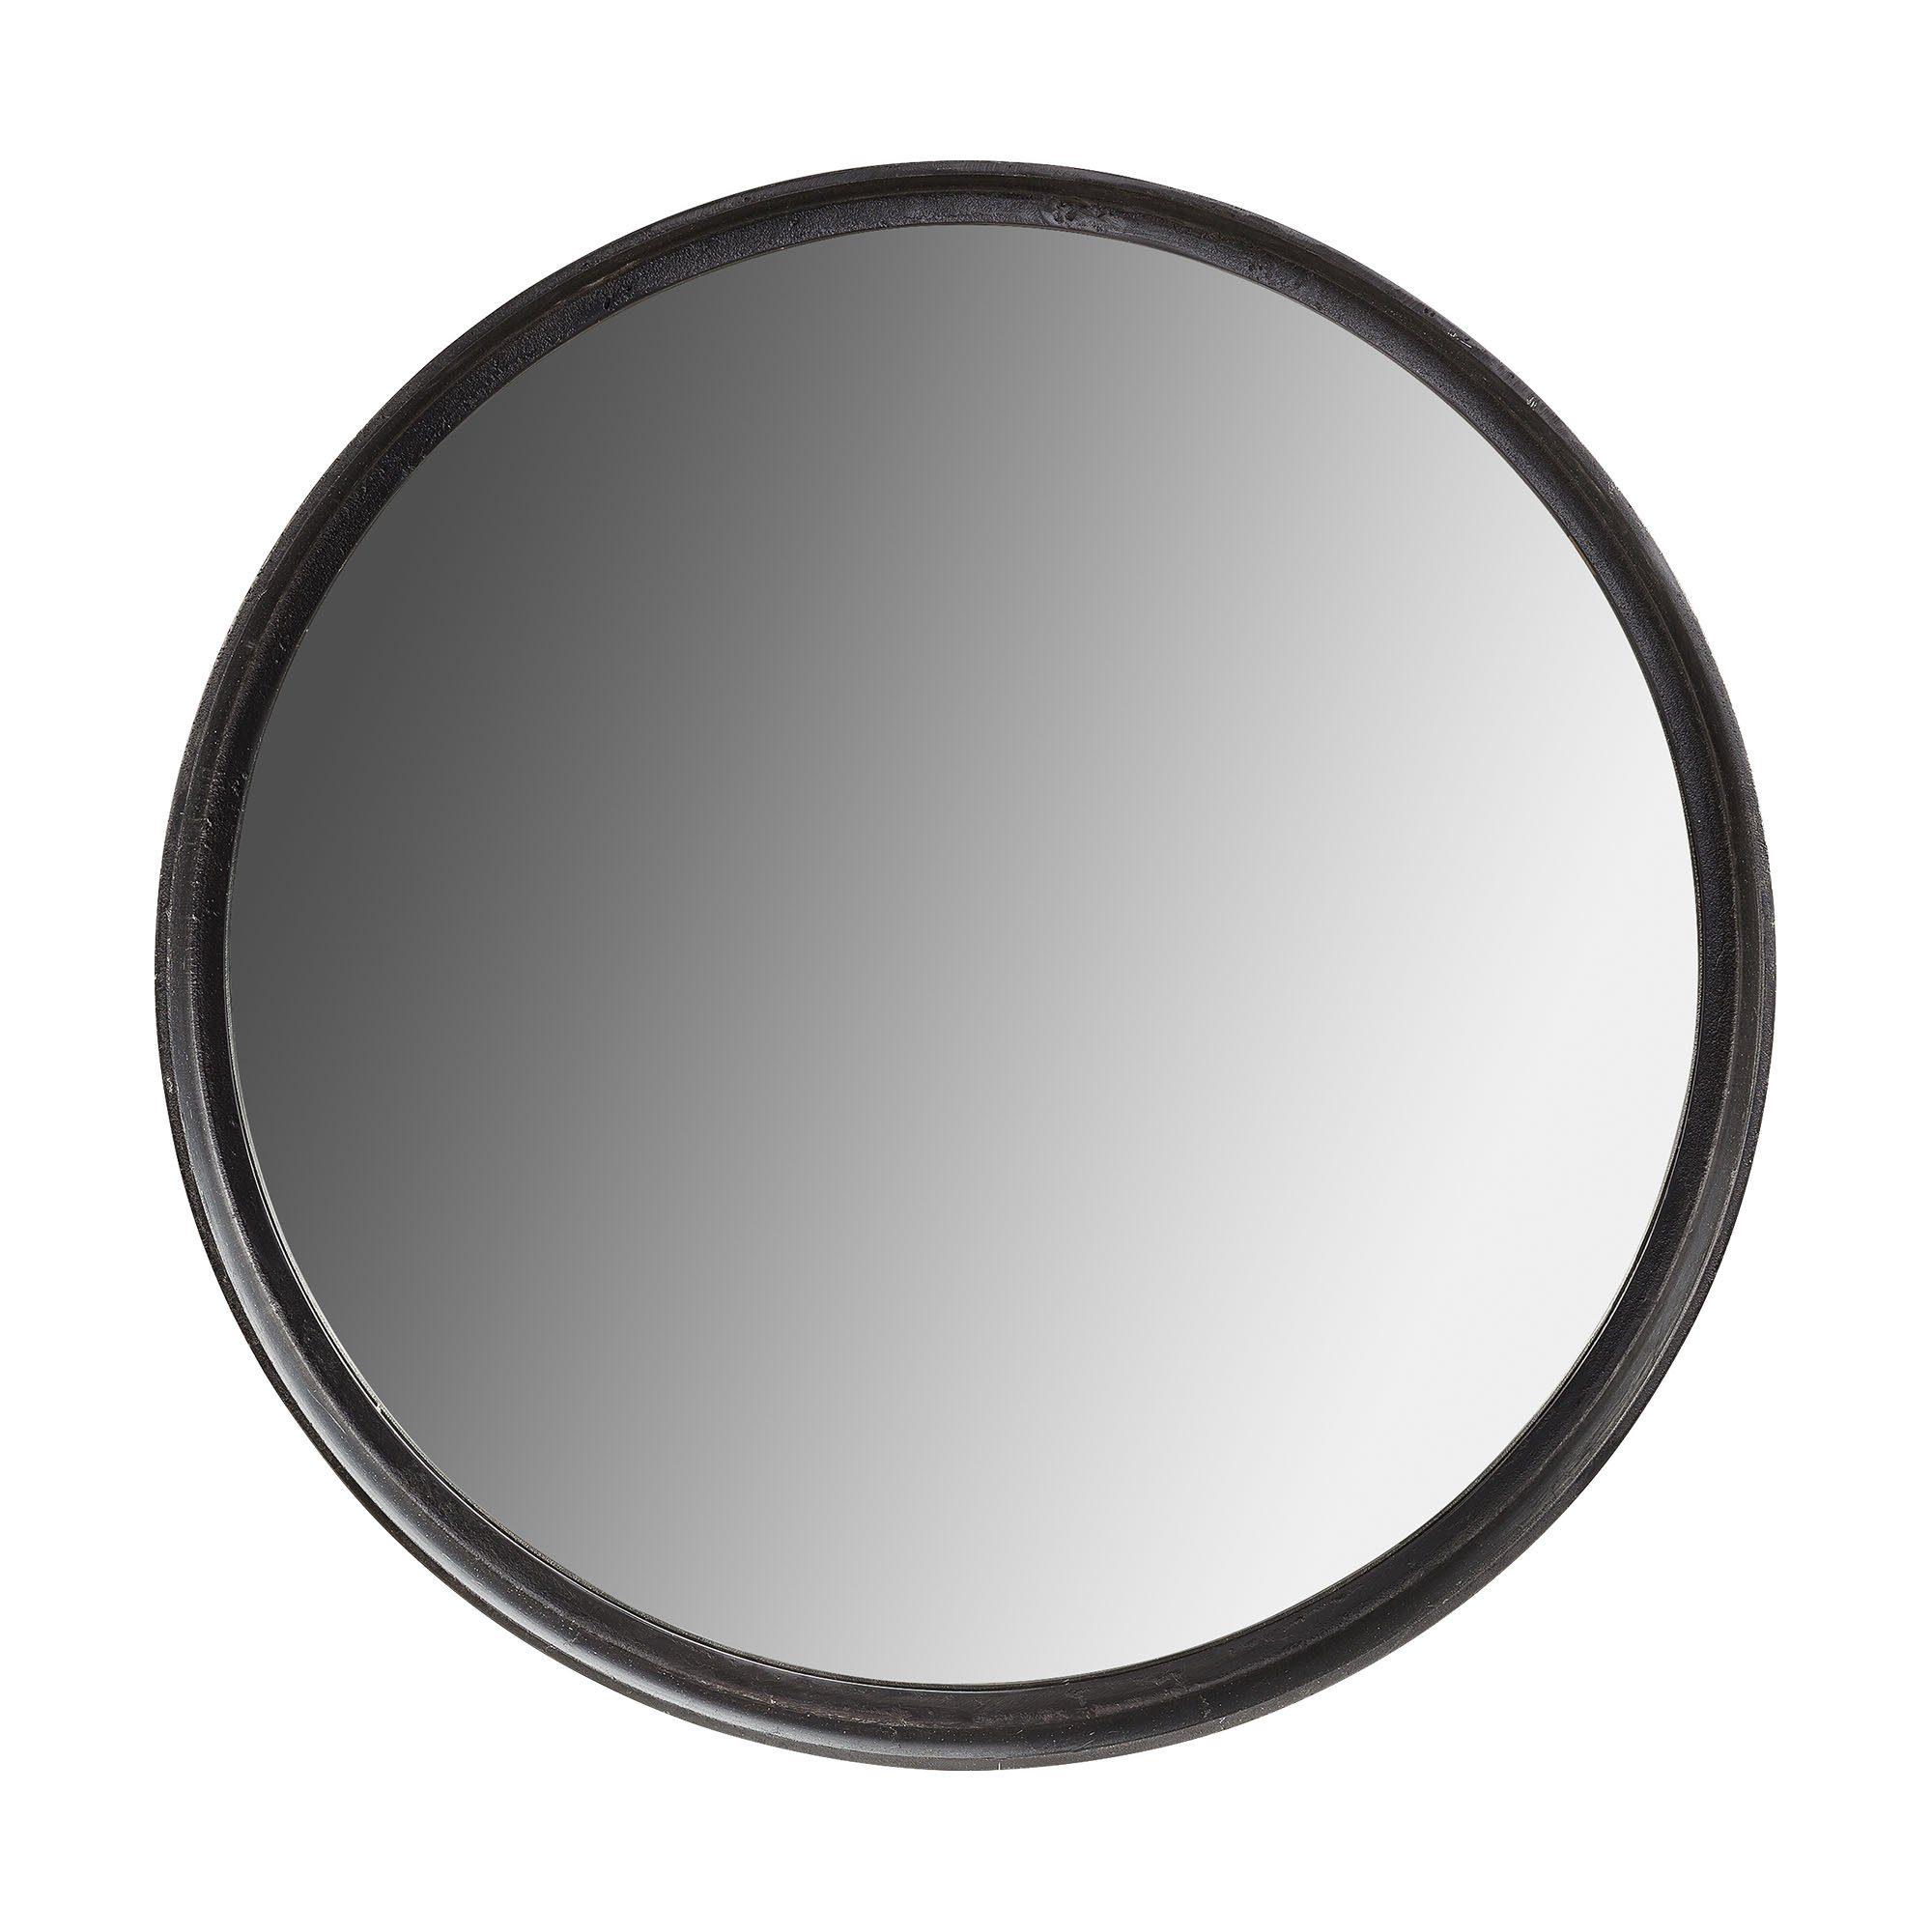 Dino rund stor spegel i svart järn från Artwood.